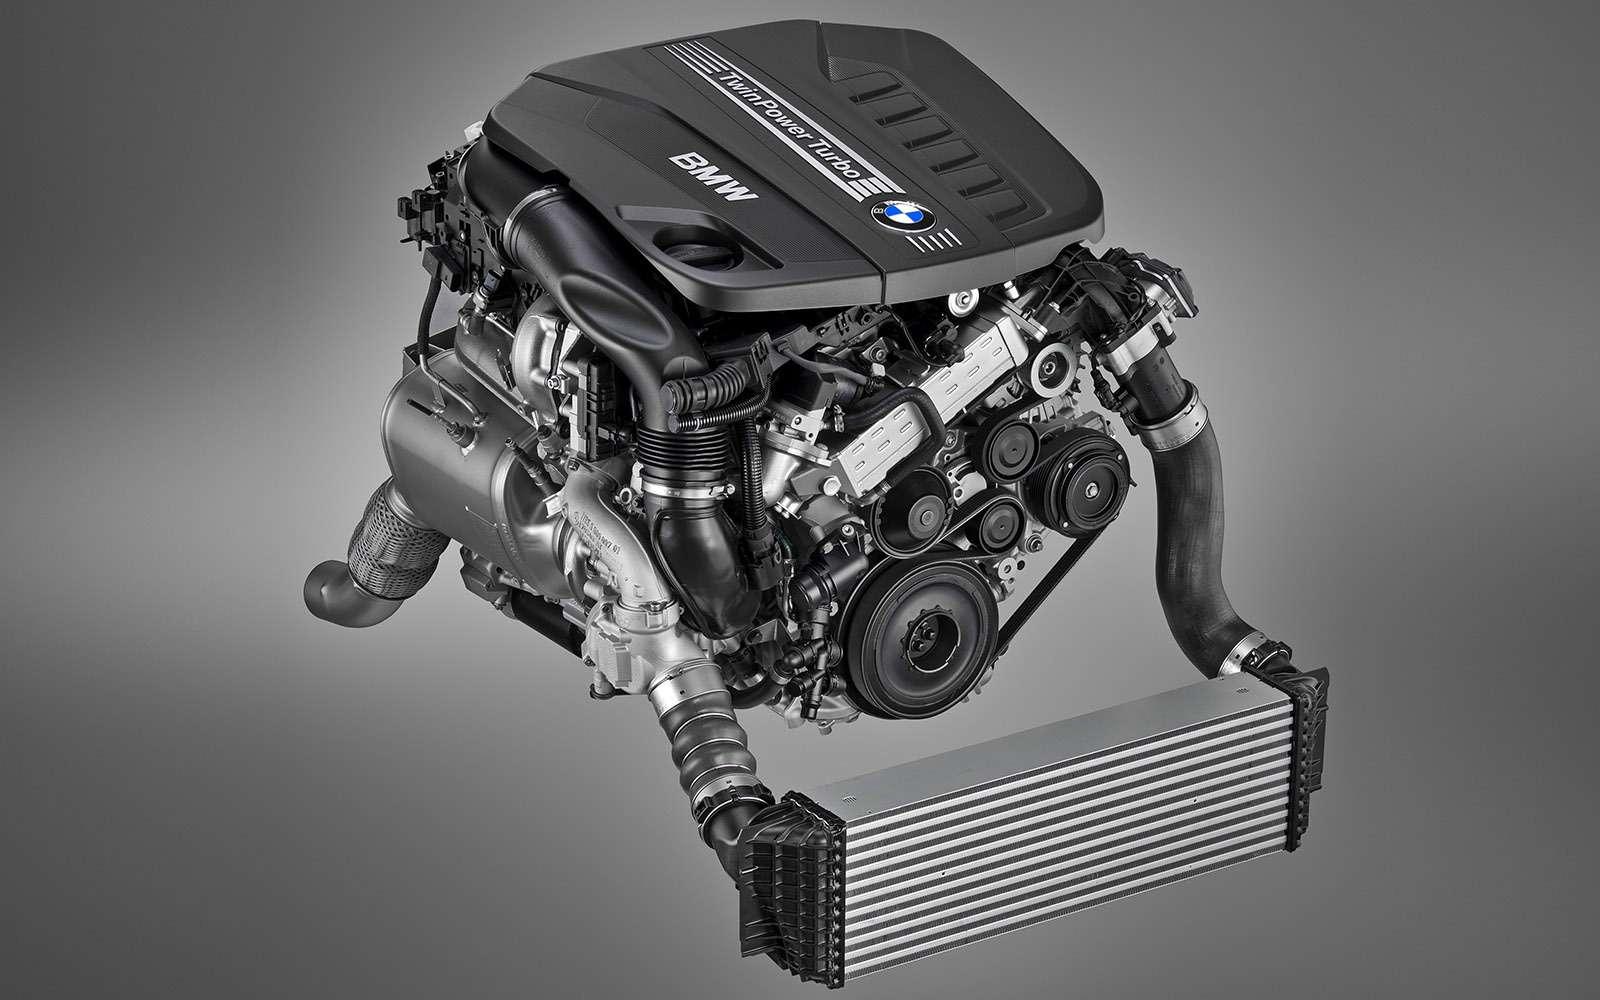 BMWX3второго поколения— список возможных проблем— фото 771811